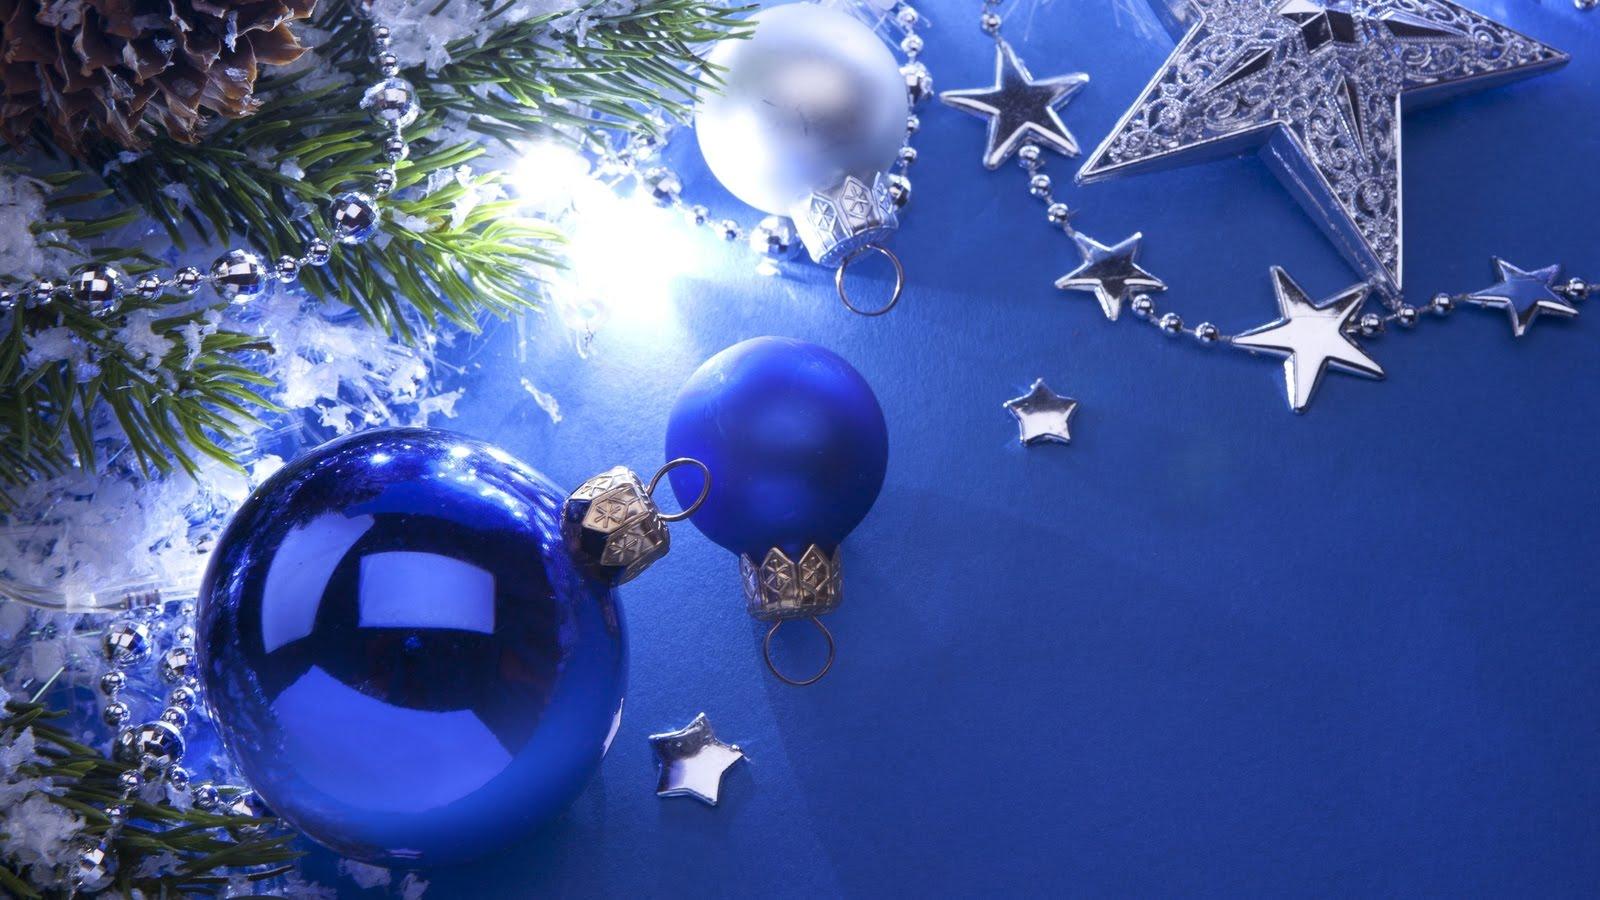 9d4e531277230 BANCO DE IMÁGENES  Postal de Navidad con esferas azules y lindos adornos